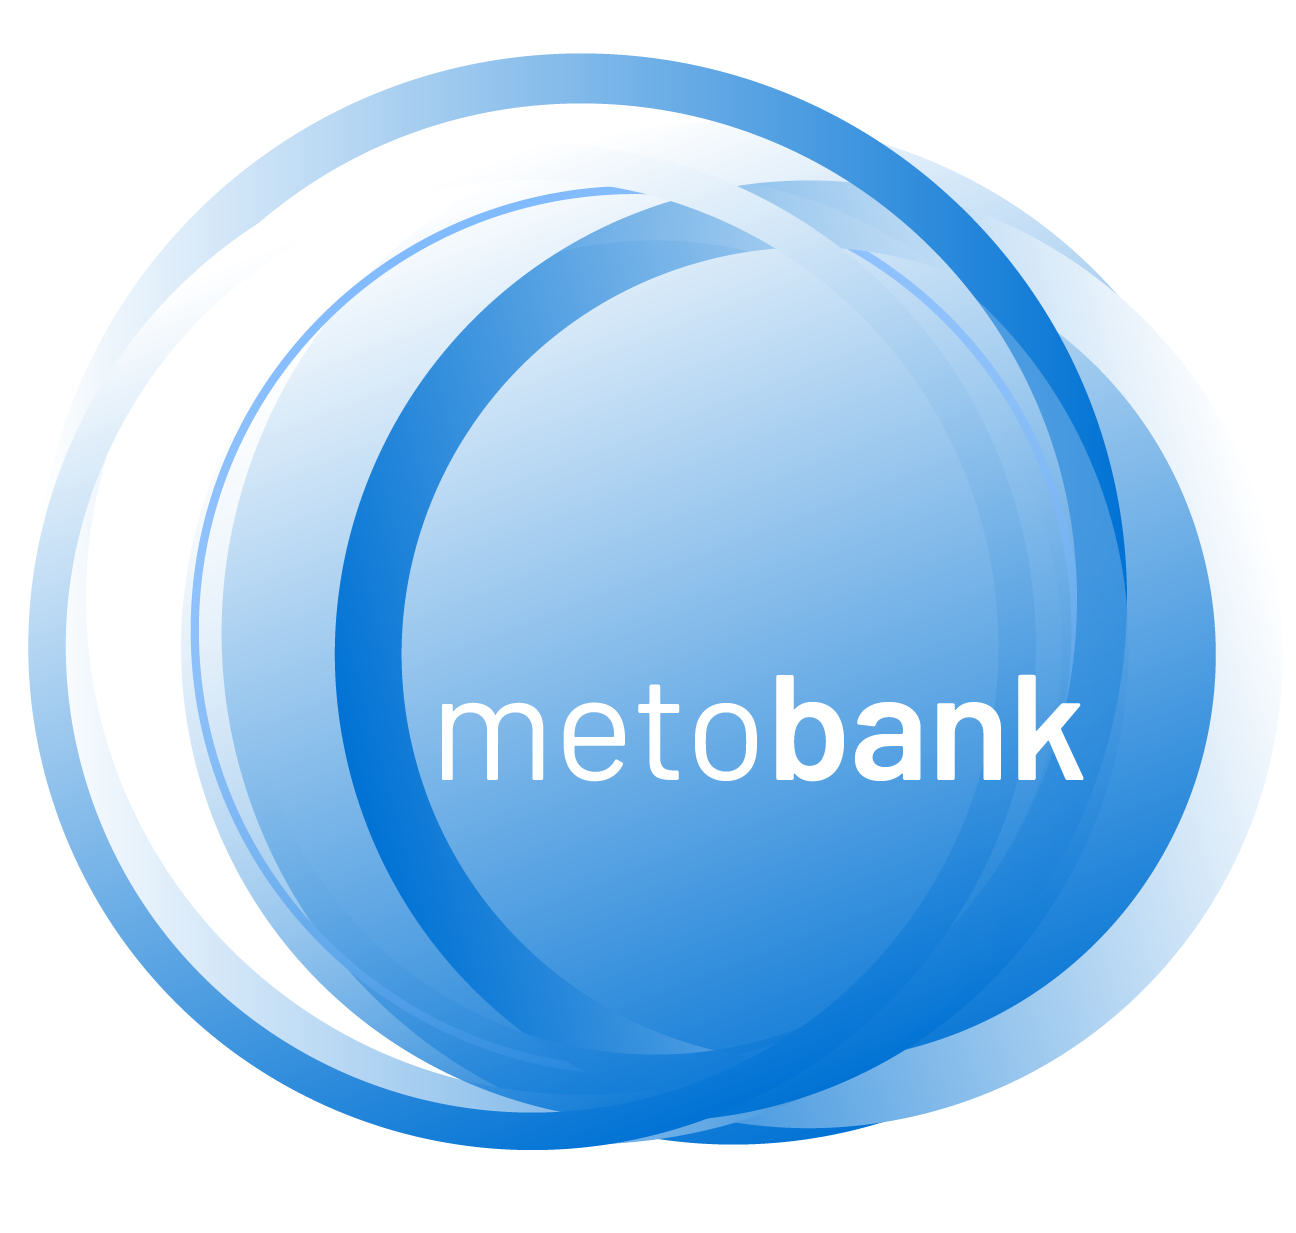 Metobank.pl